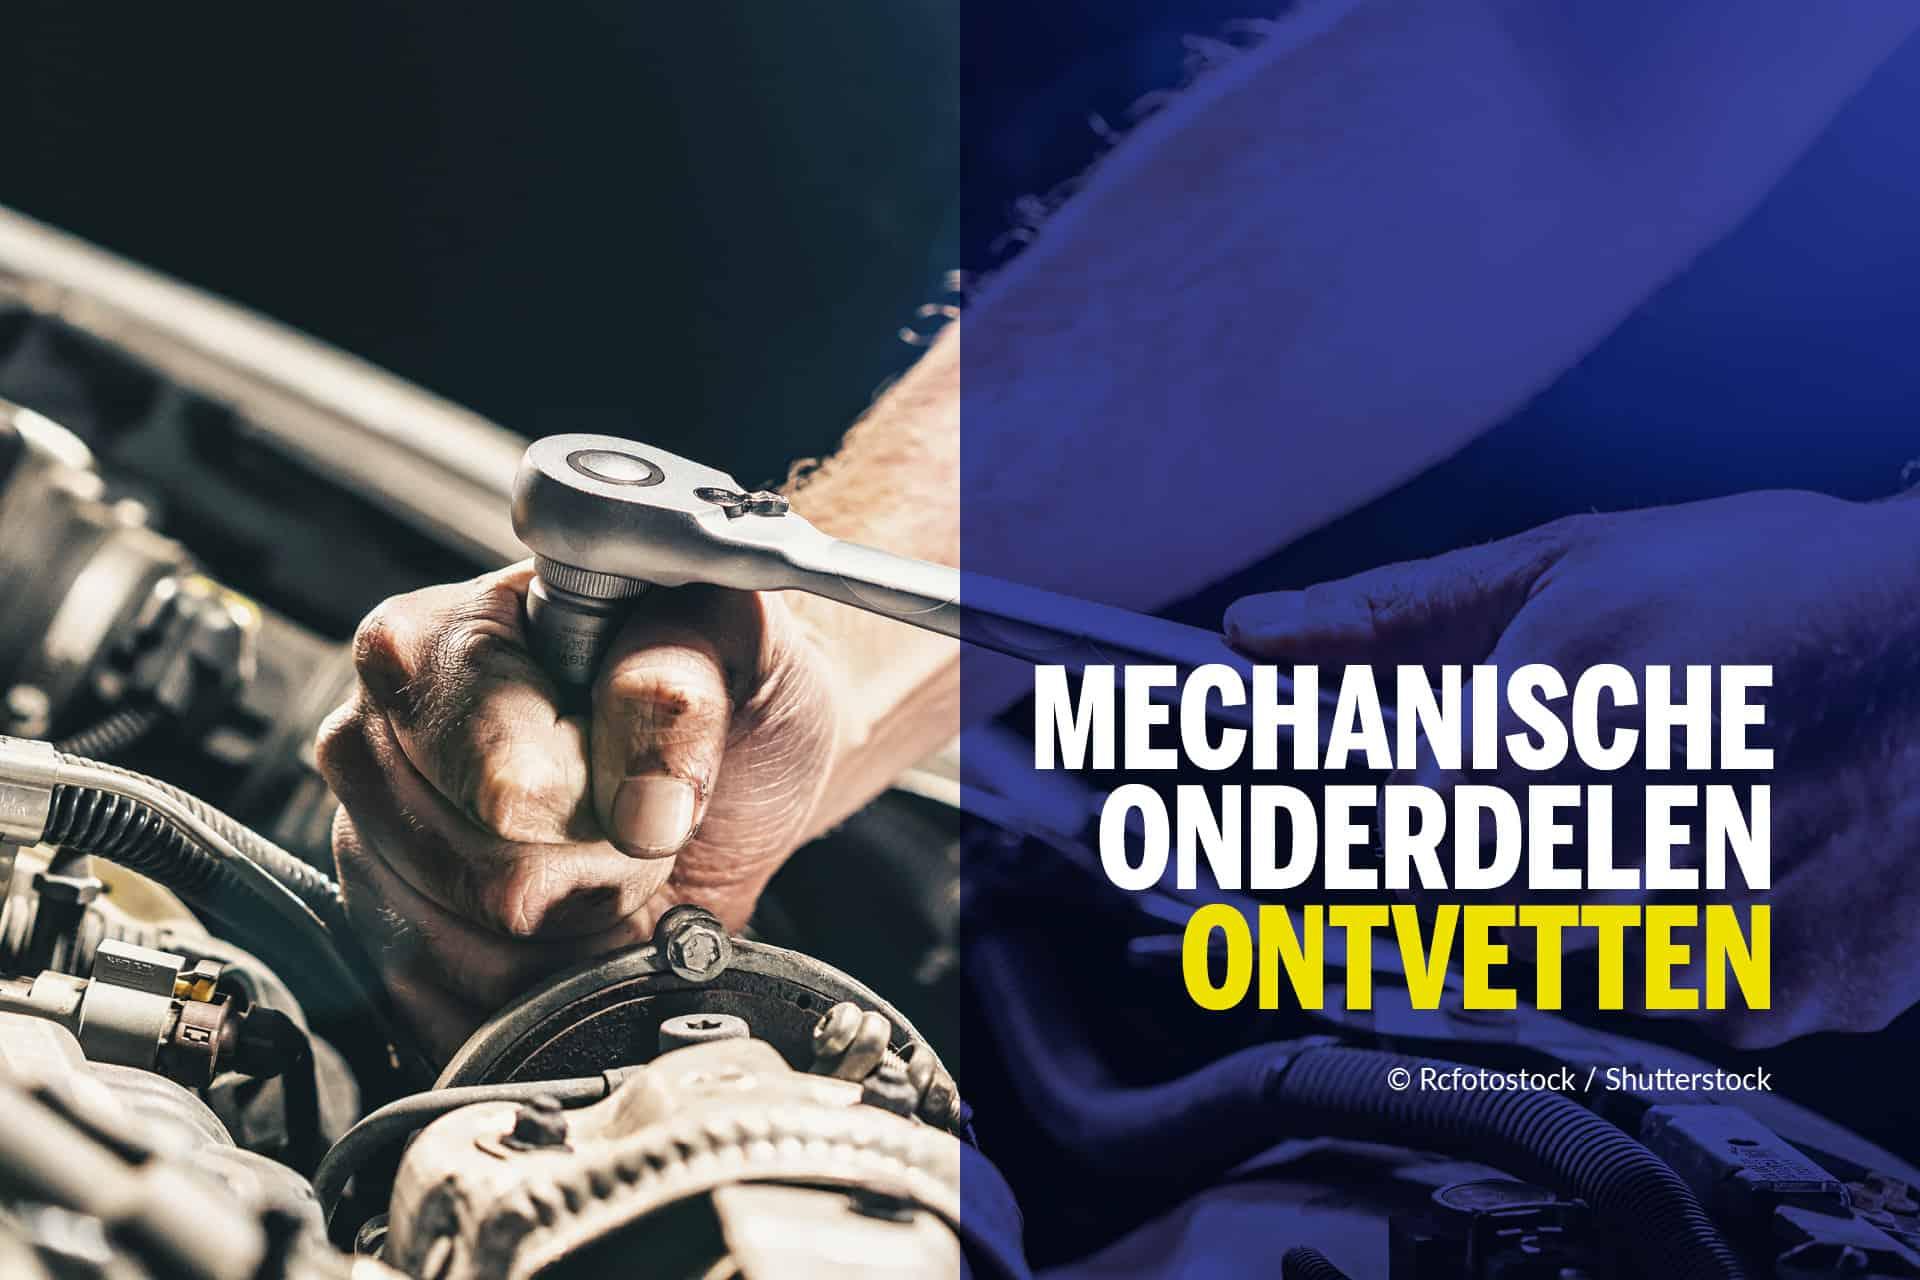 Degraissage de pieces mecaniques